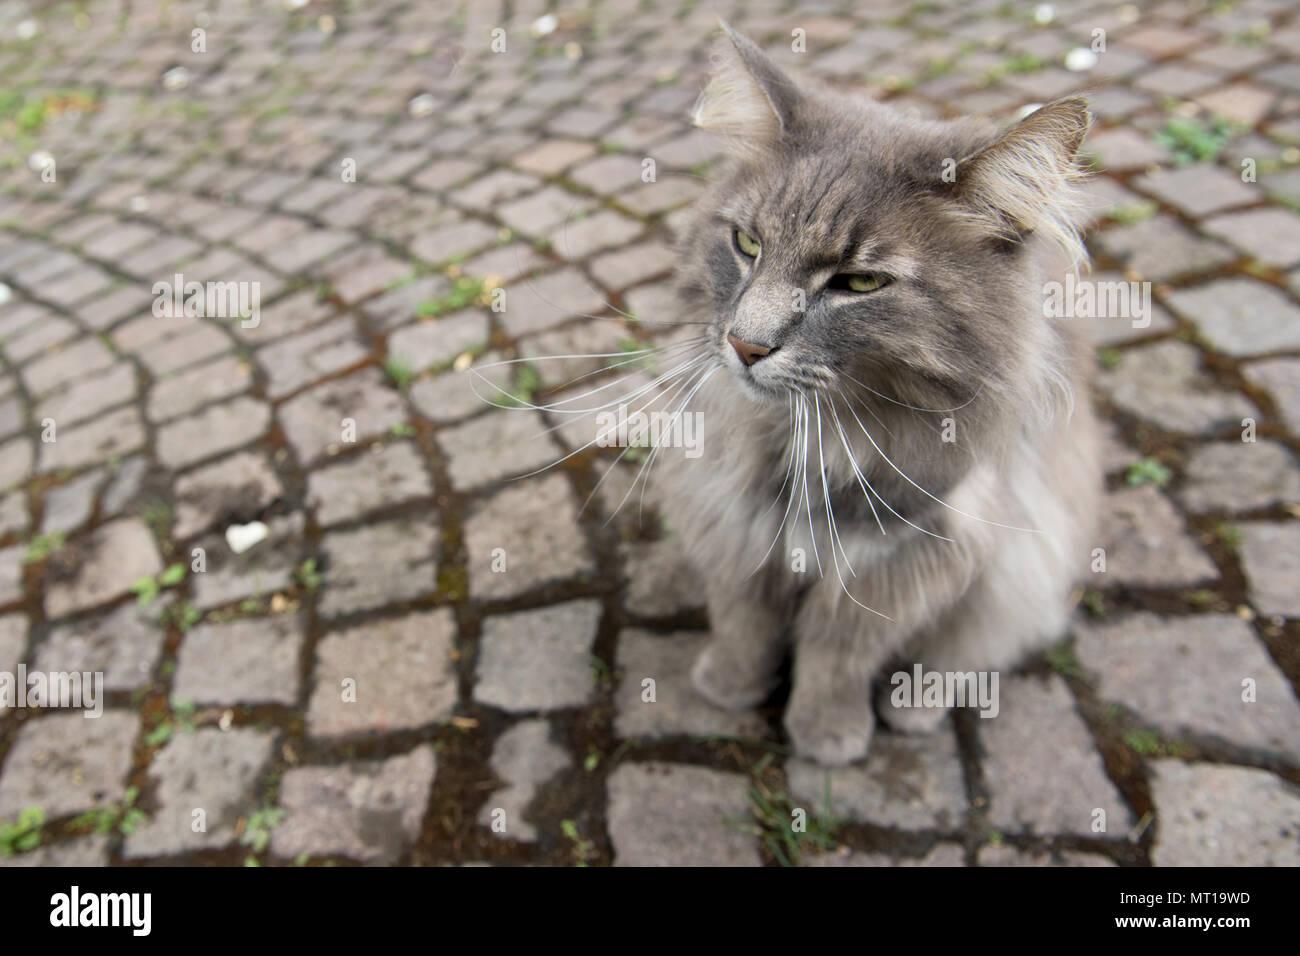 Un alto ángulo de visualización de gris gato sentado en la acera, Heidelberg, Alemania Imagen De Stock